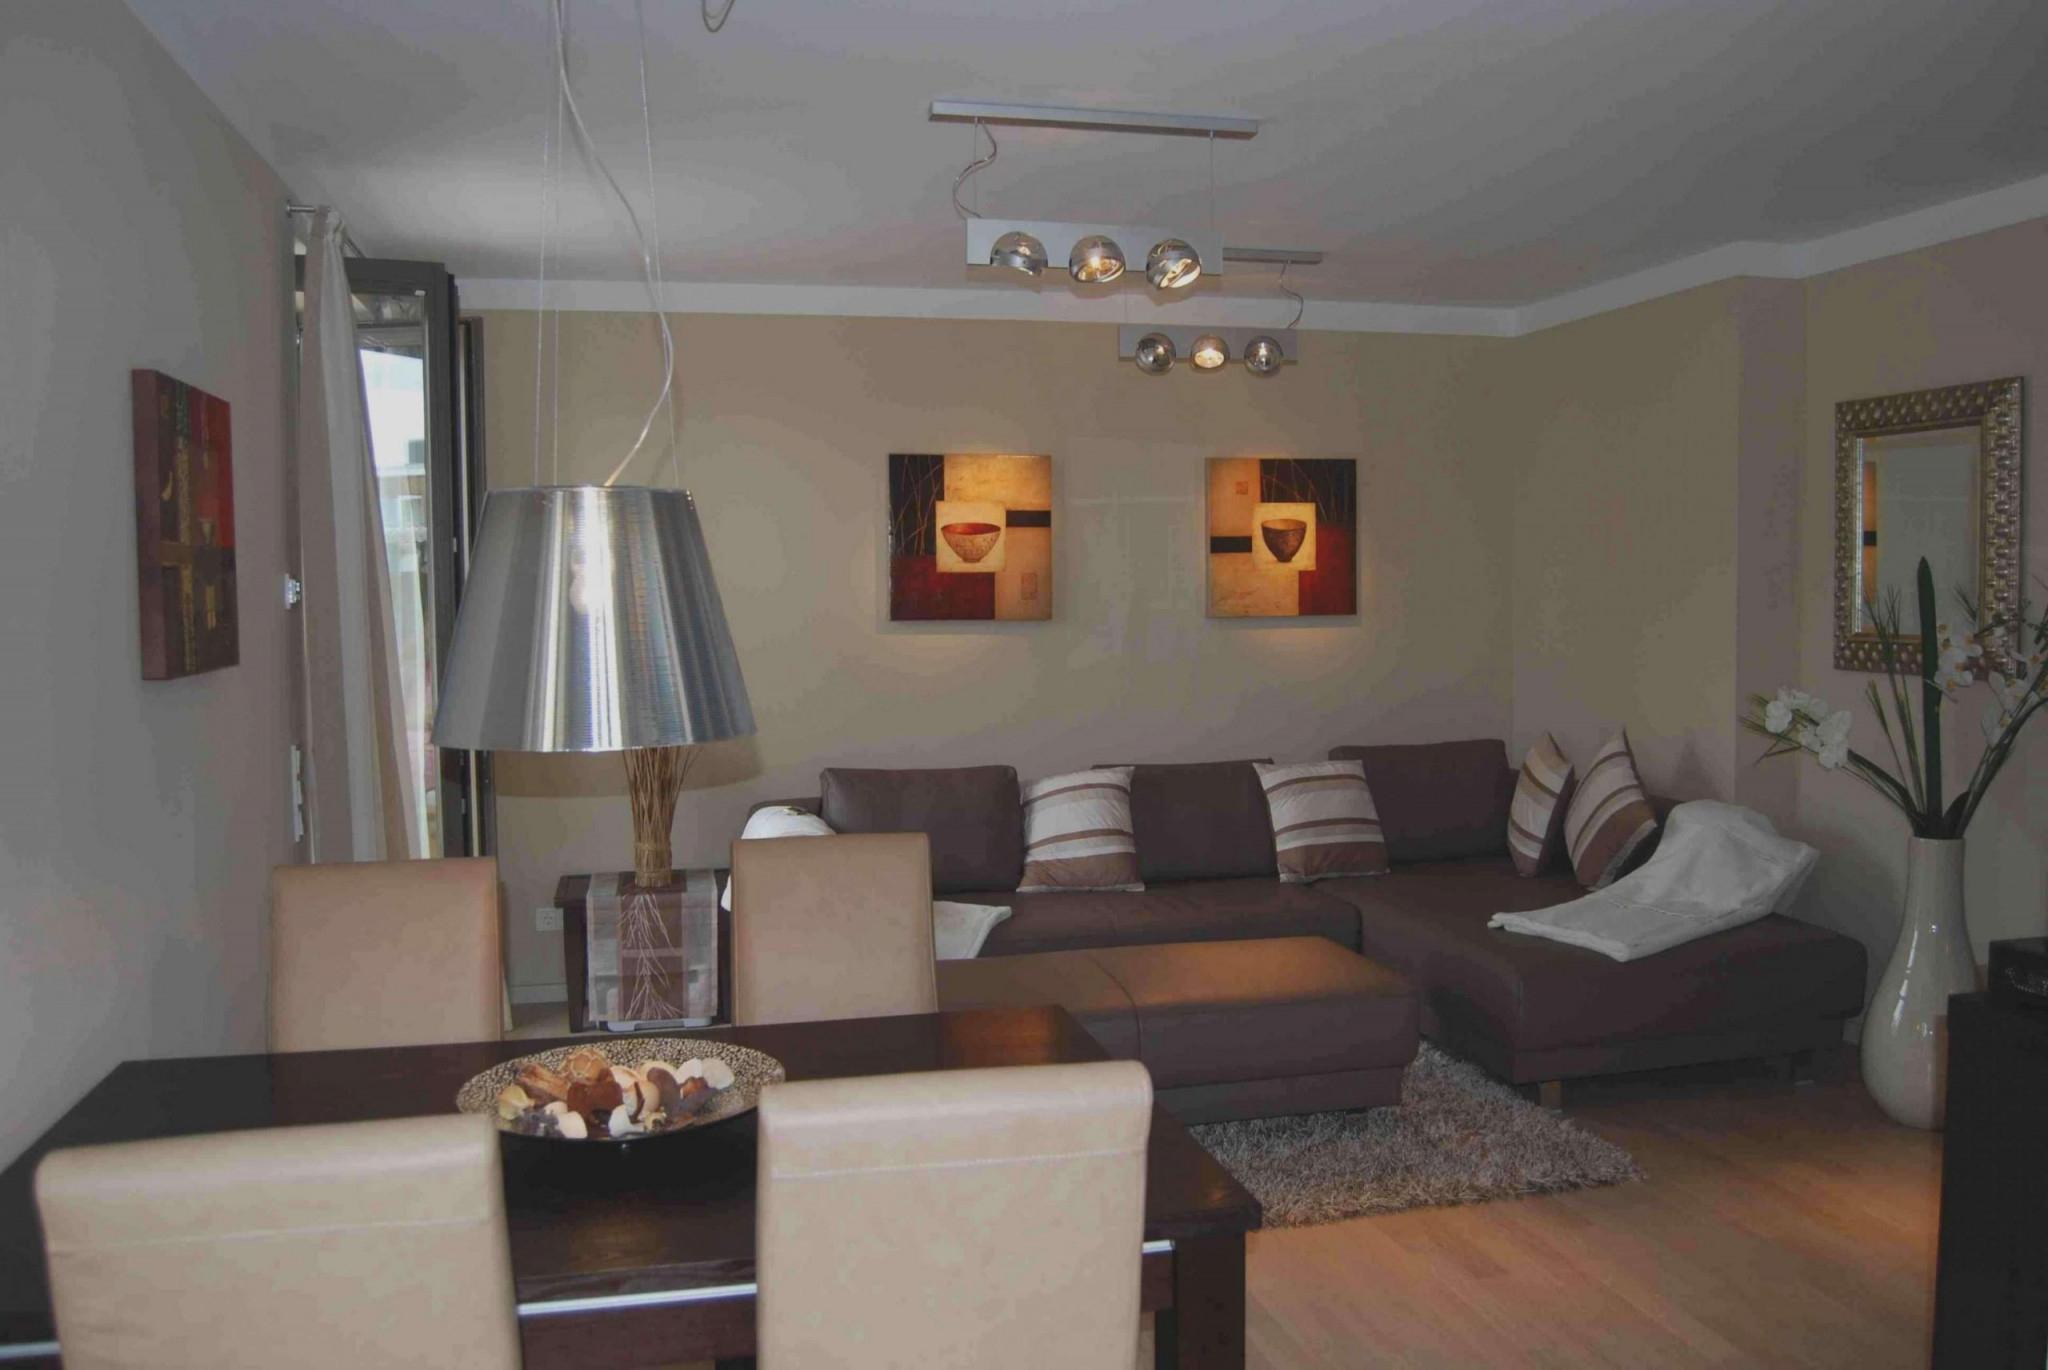 30 Luxus Kleines Wohnzimmer Mit Essbereich Einrichten von Kleines Wohnzimmer Gemütlich Gestalten Bild